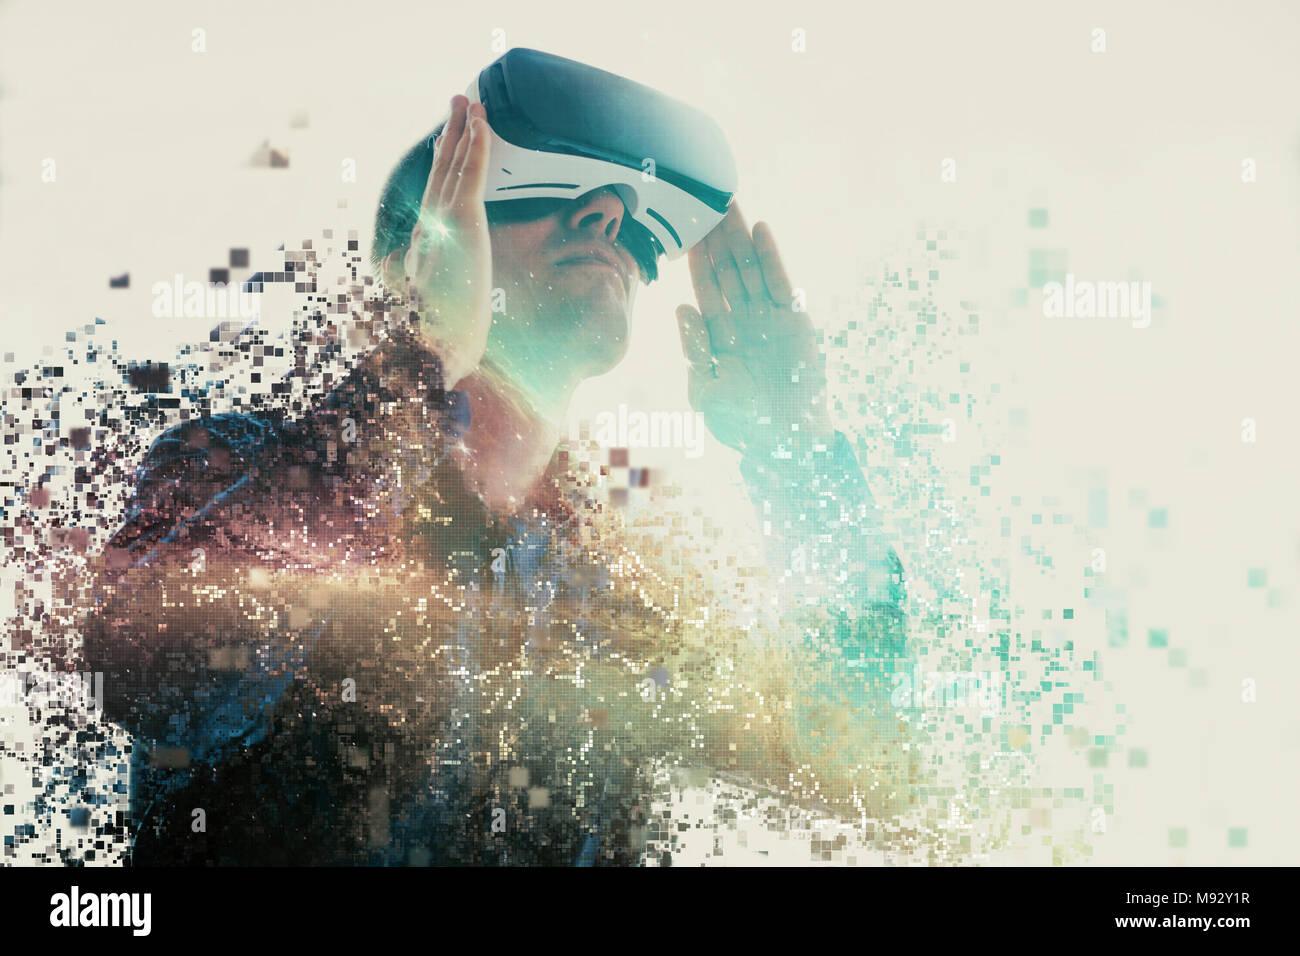 El Hombre con gafas de realidad virtual. La tecnología del futuro concepto. La moderna tecnología de diagnóstico por imagen. Fragmentado por píxeles. Foto de stock